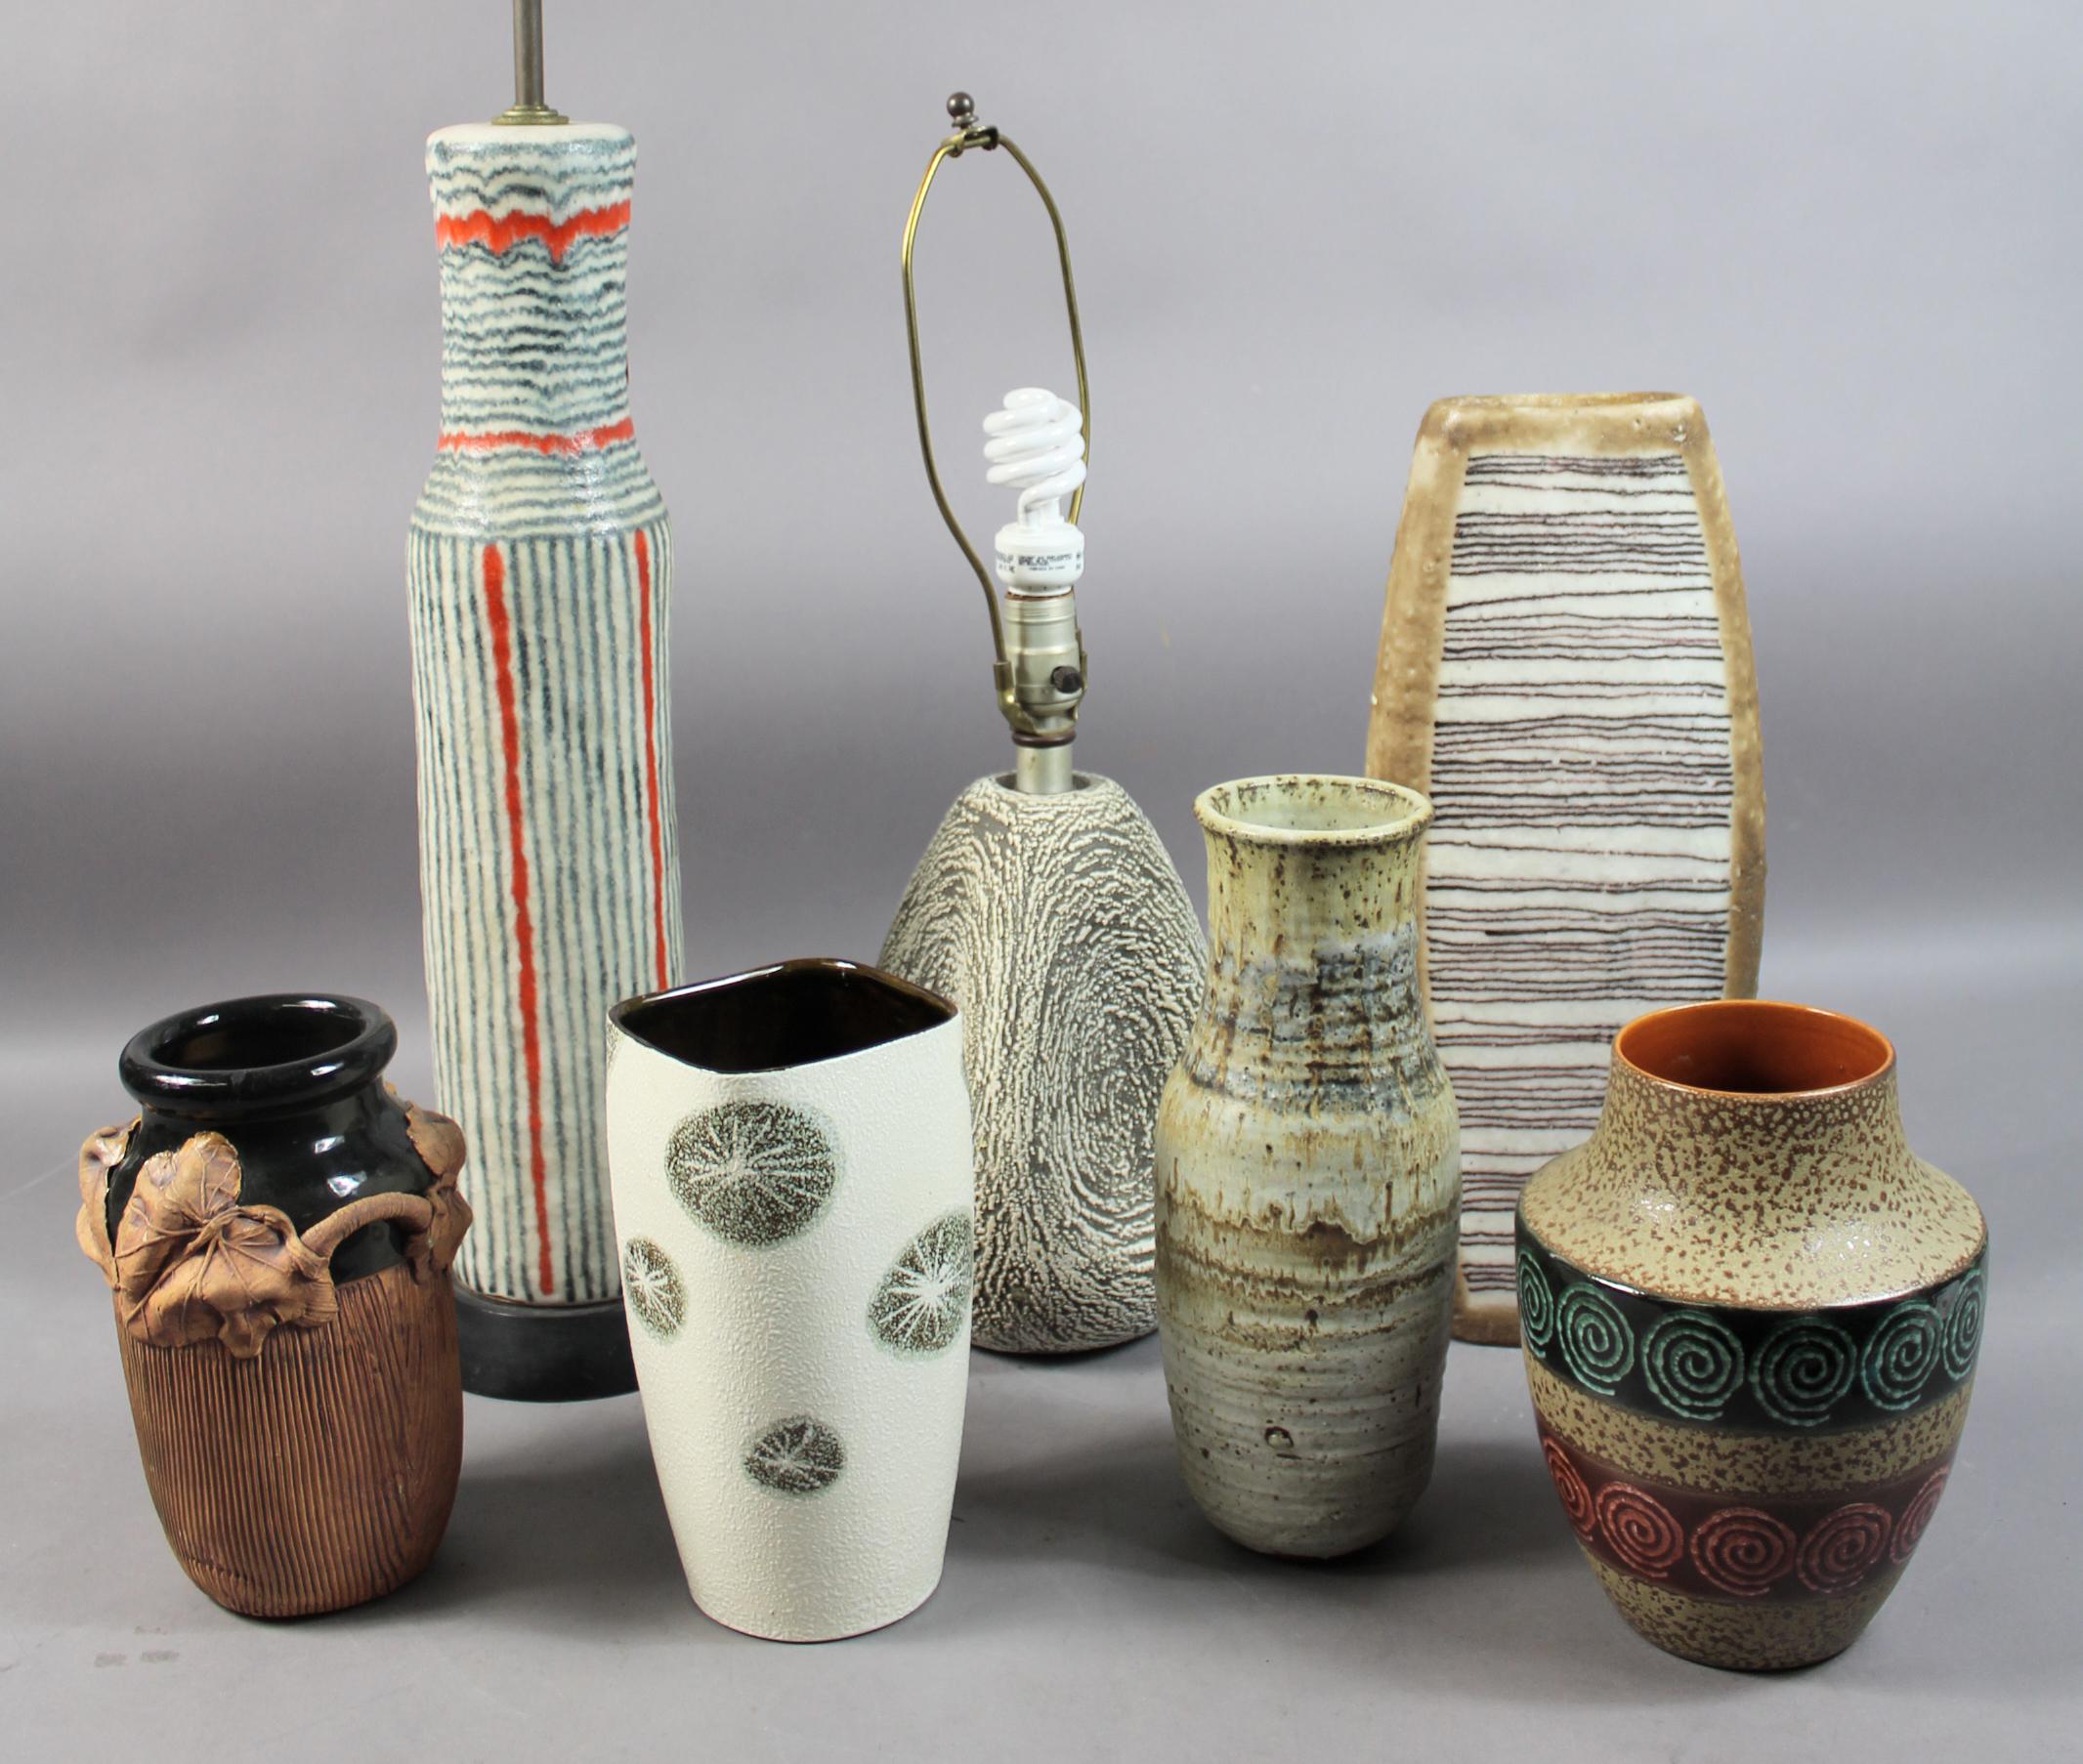 GROUP OF LAMPS & CERAMICS